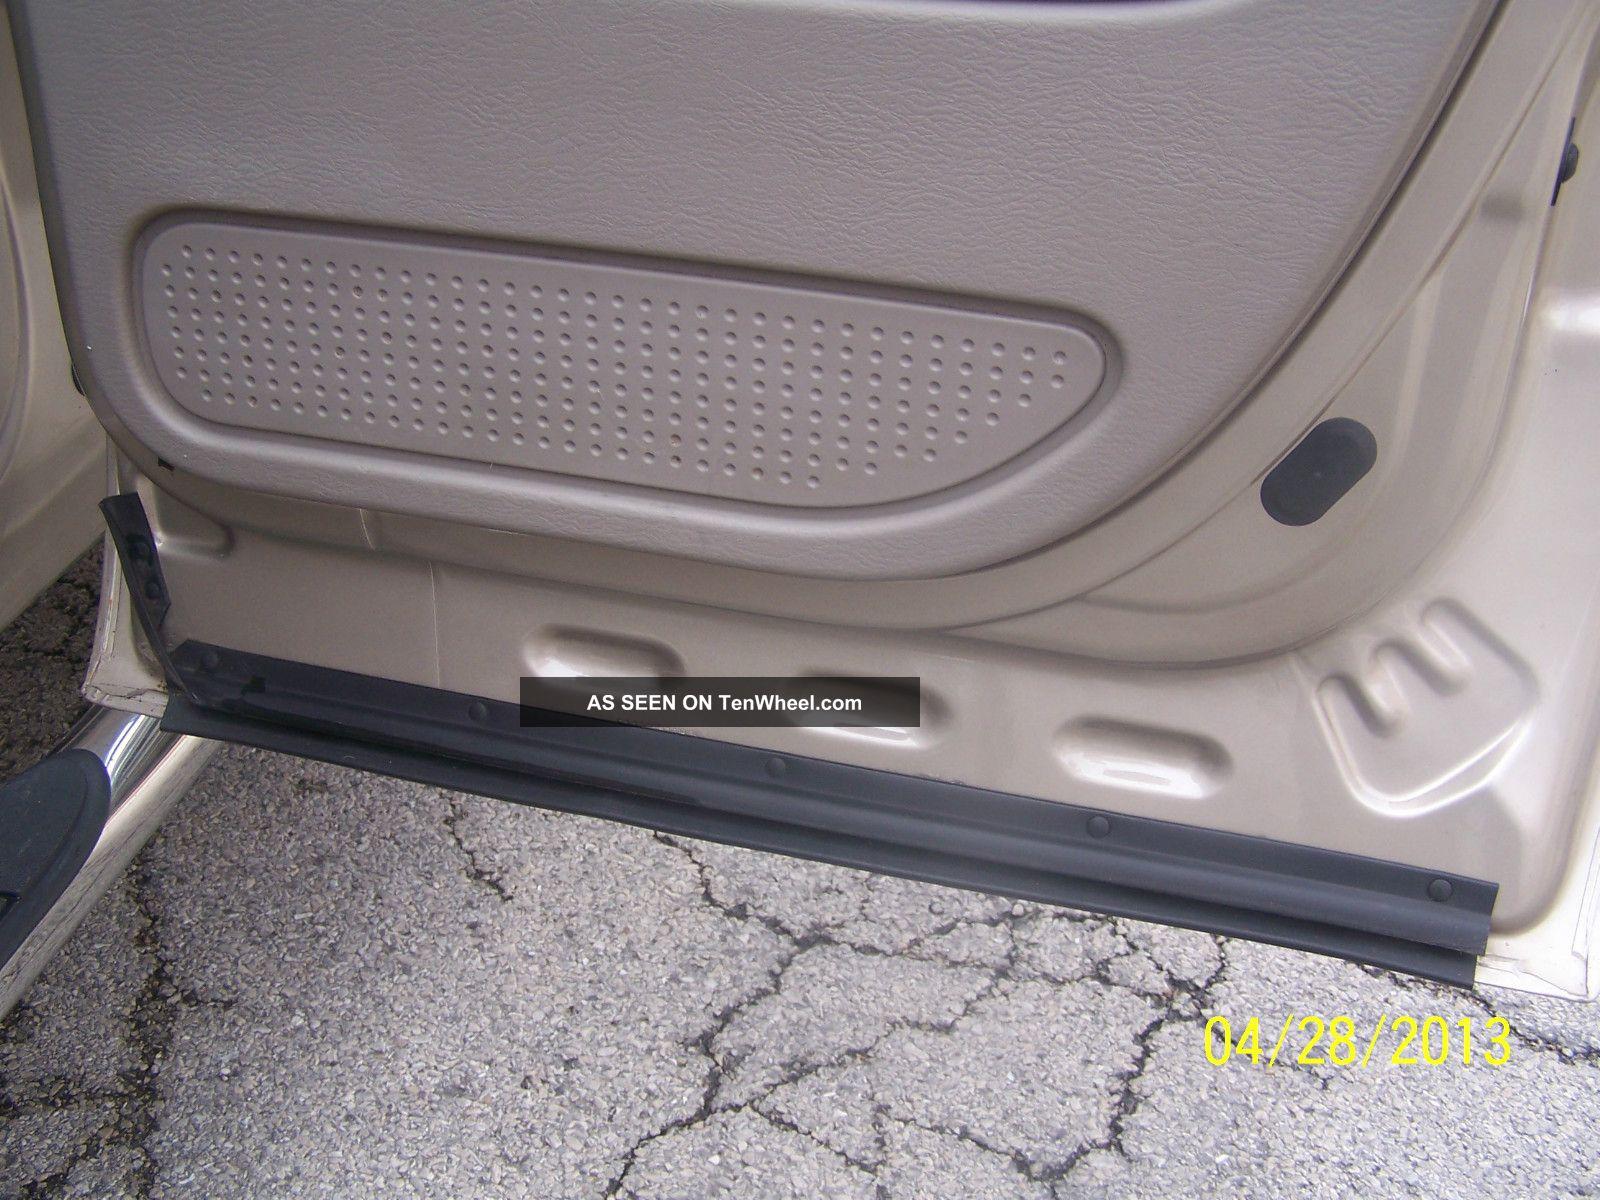 2001 Silverado 2500 Horn Wiring Diagram